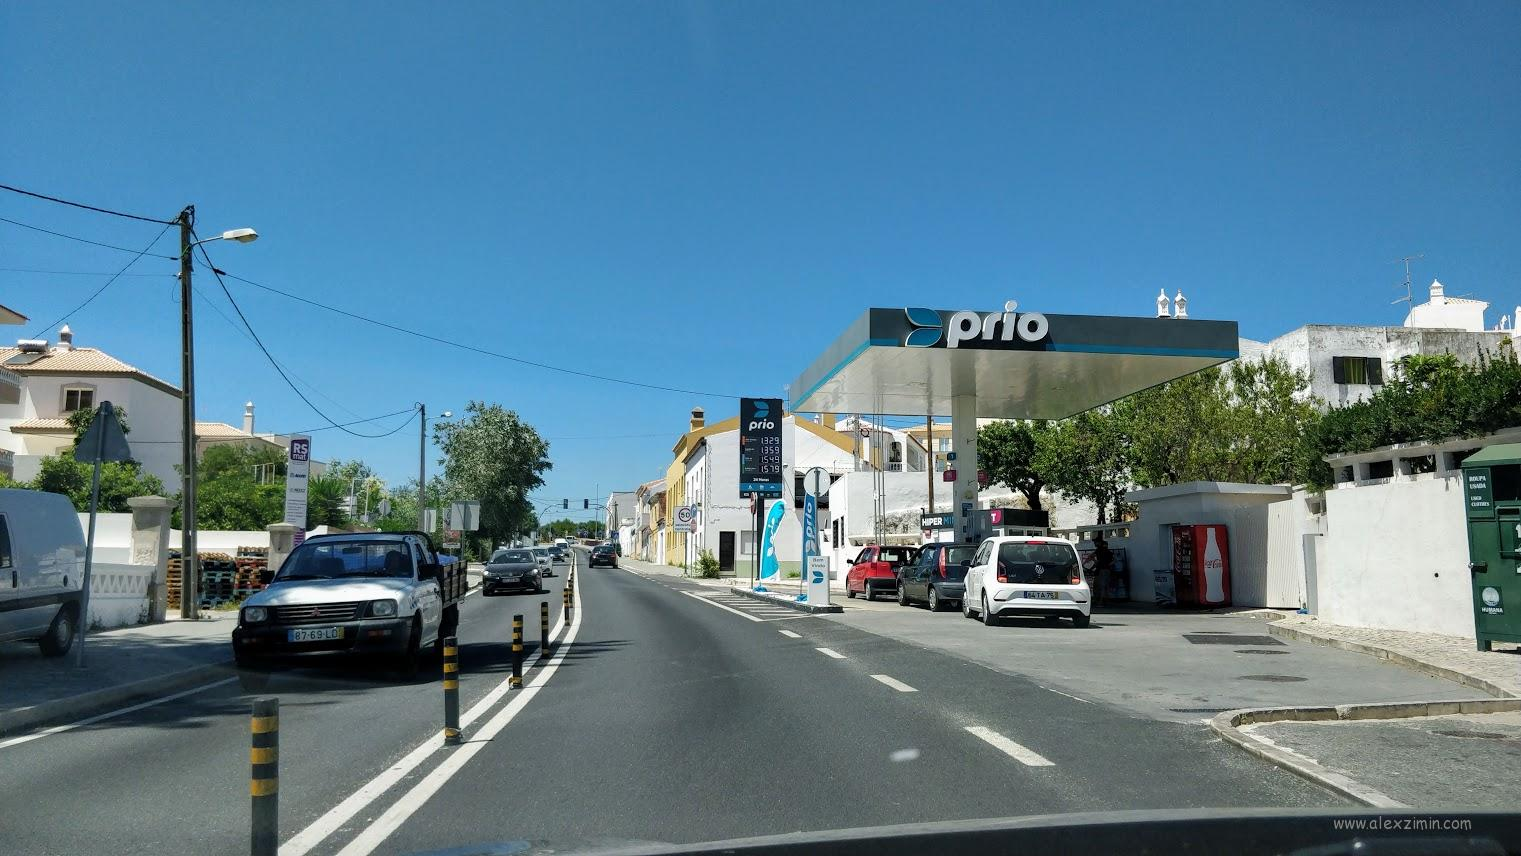 Заправка в Албуфейре, Португалия